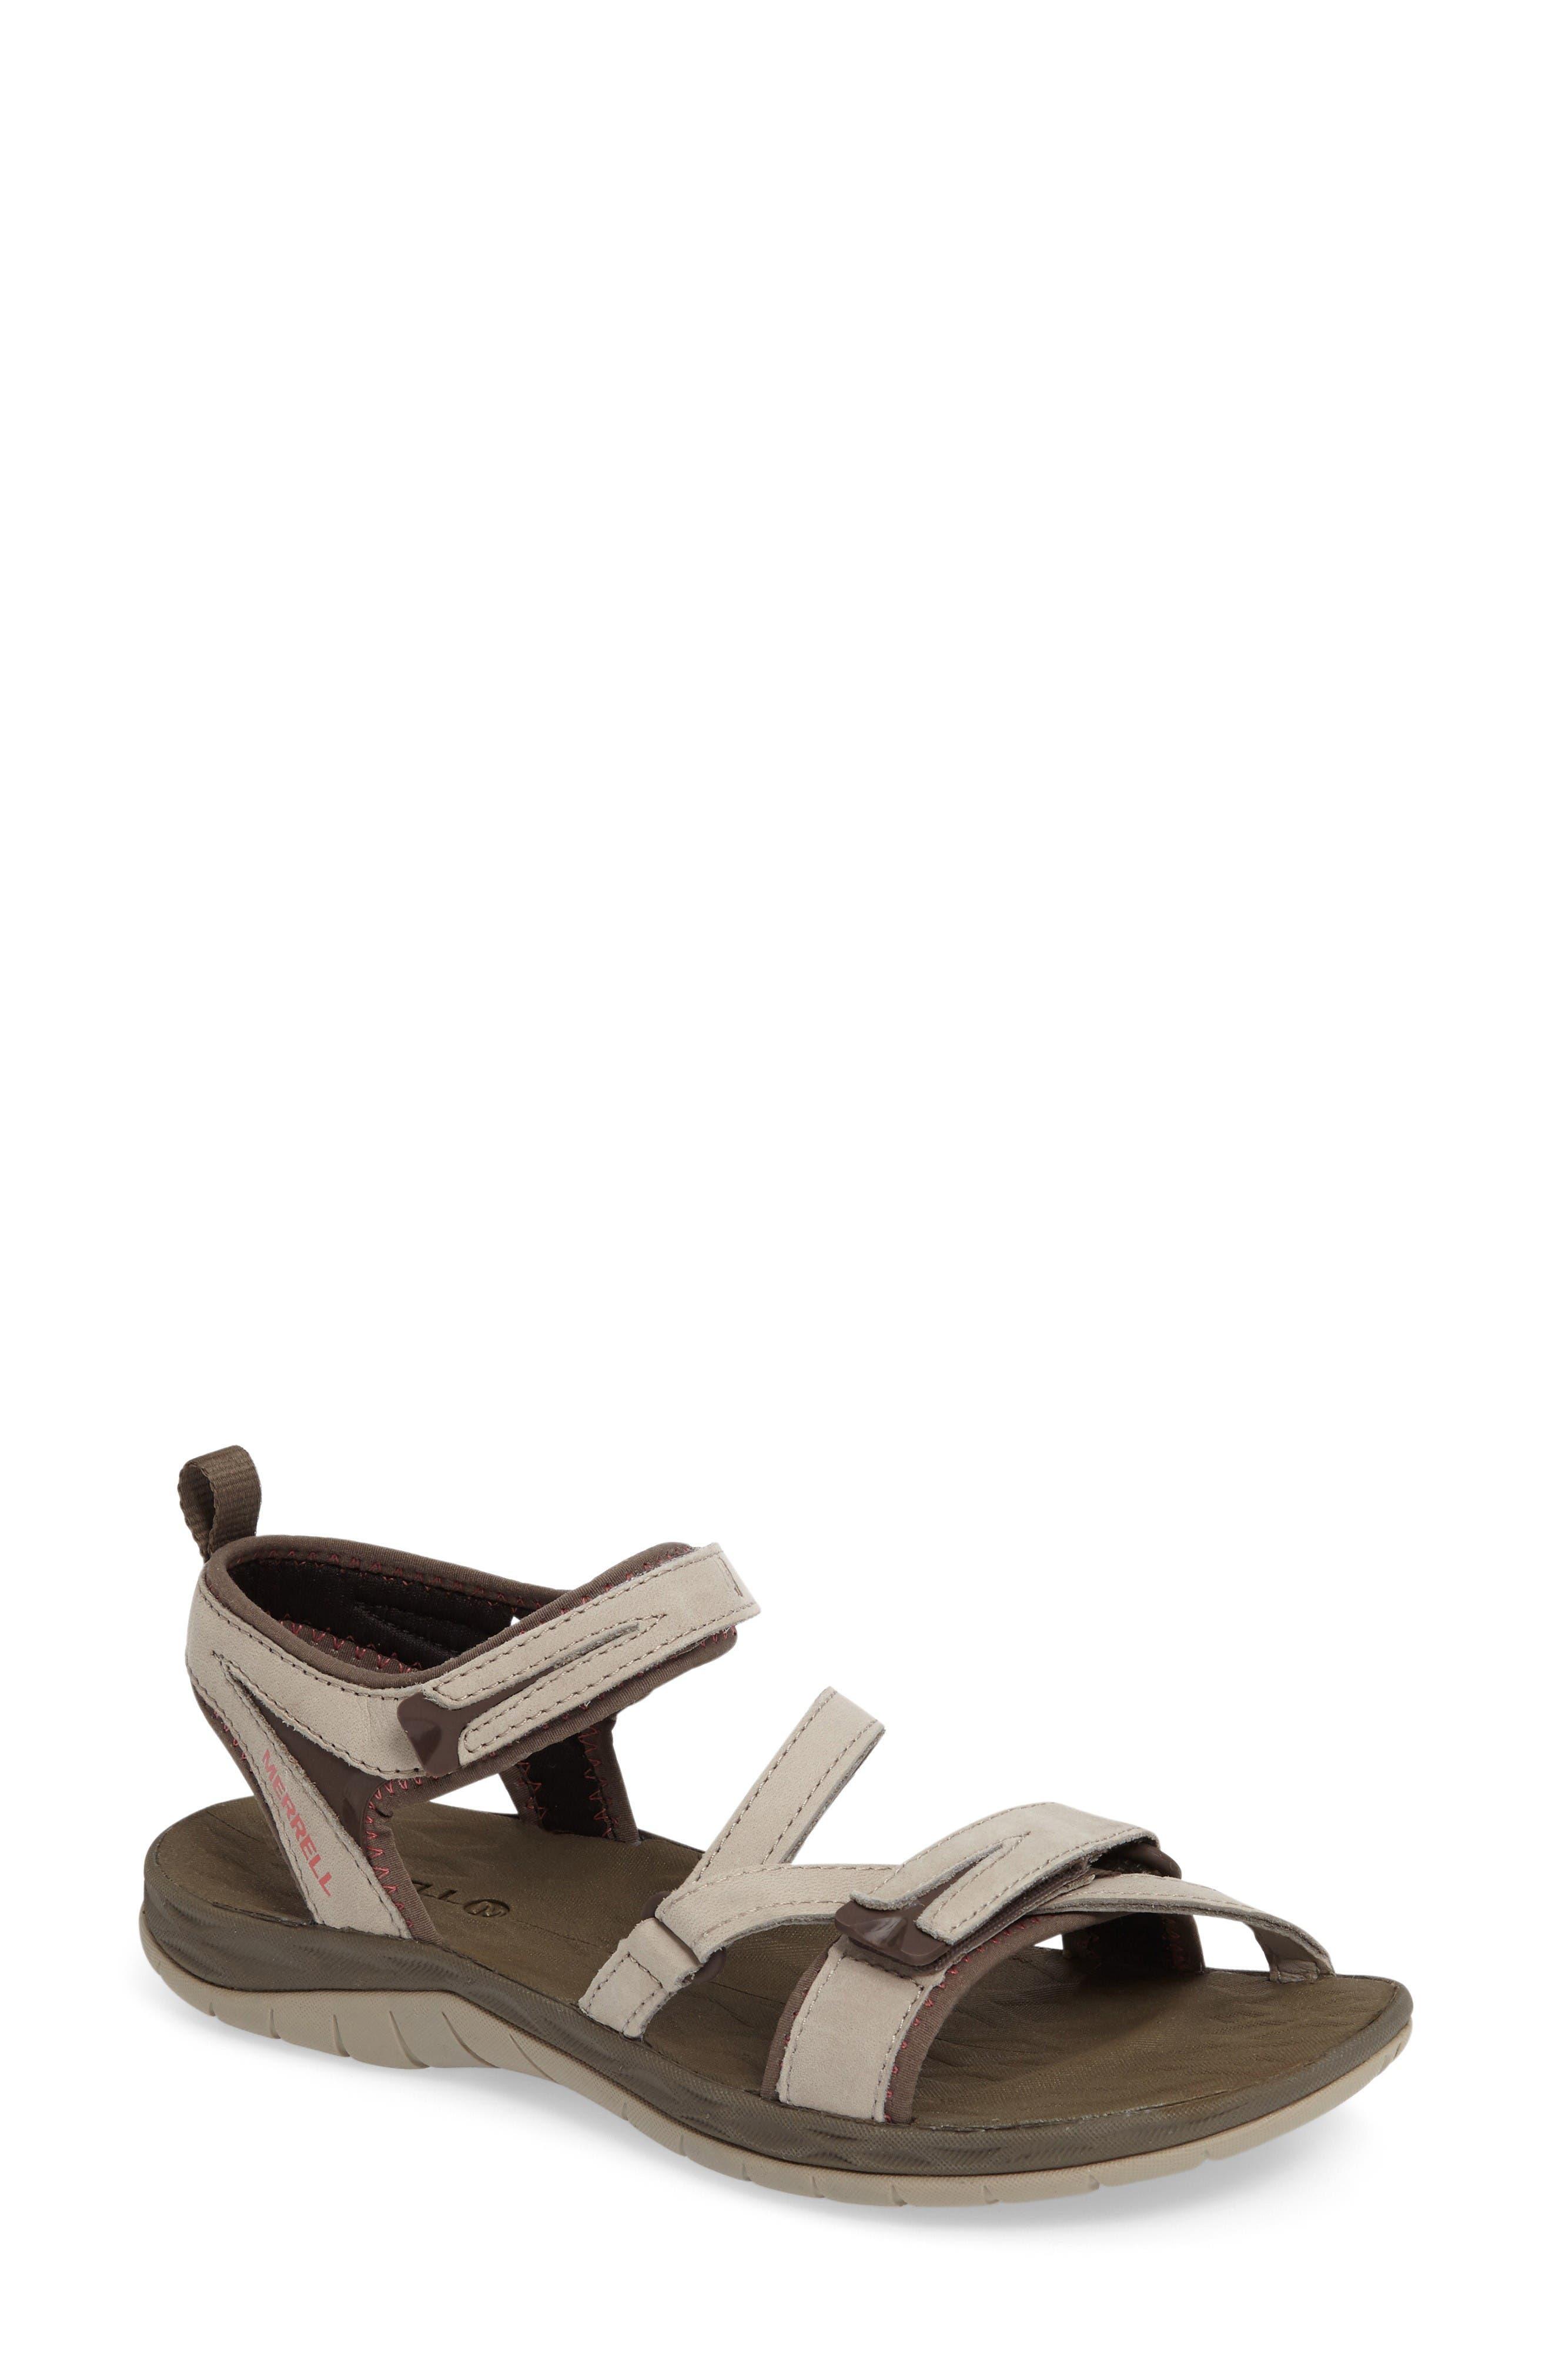 Alternate Image 1 Selected - Merrell Siren Water Friendly Sport Sandal (Women)